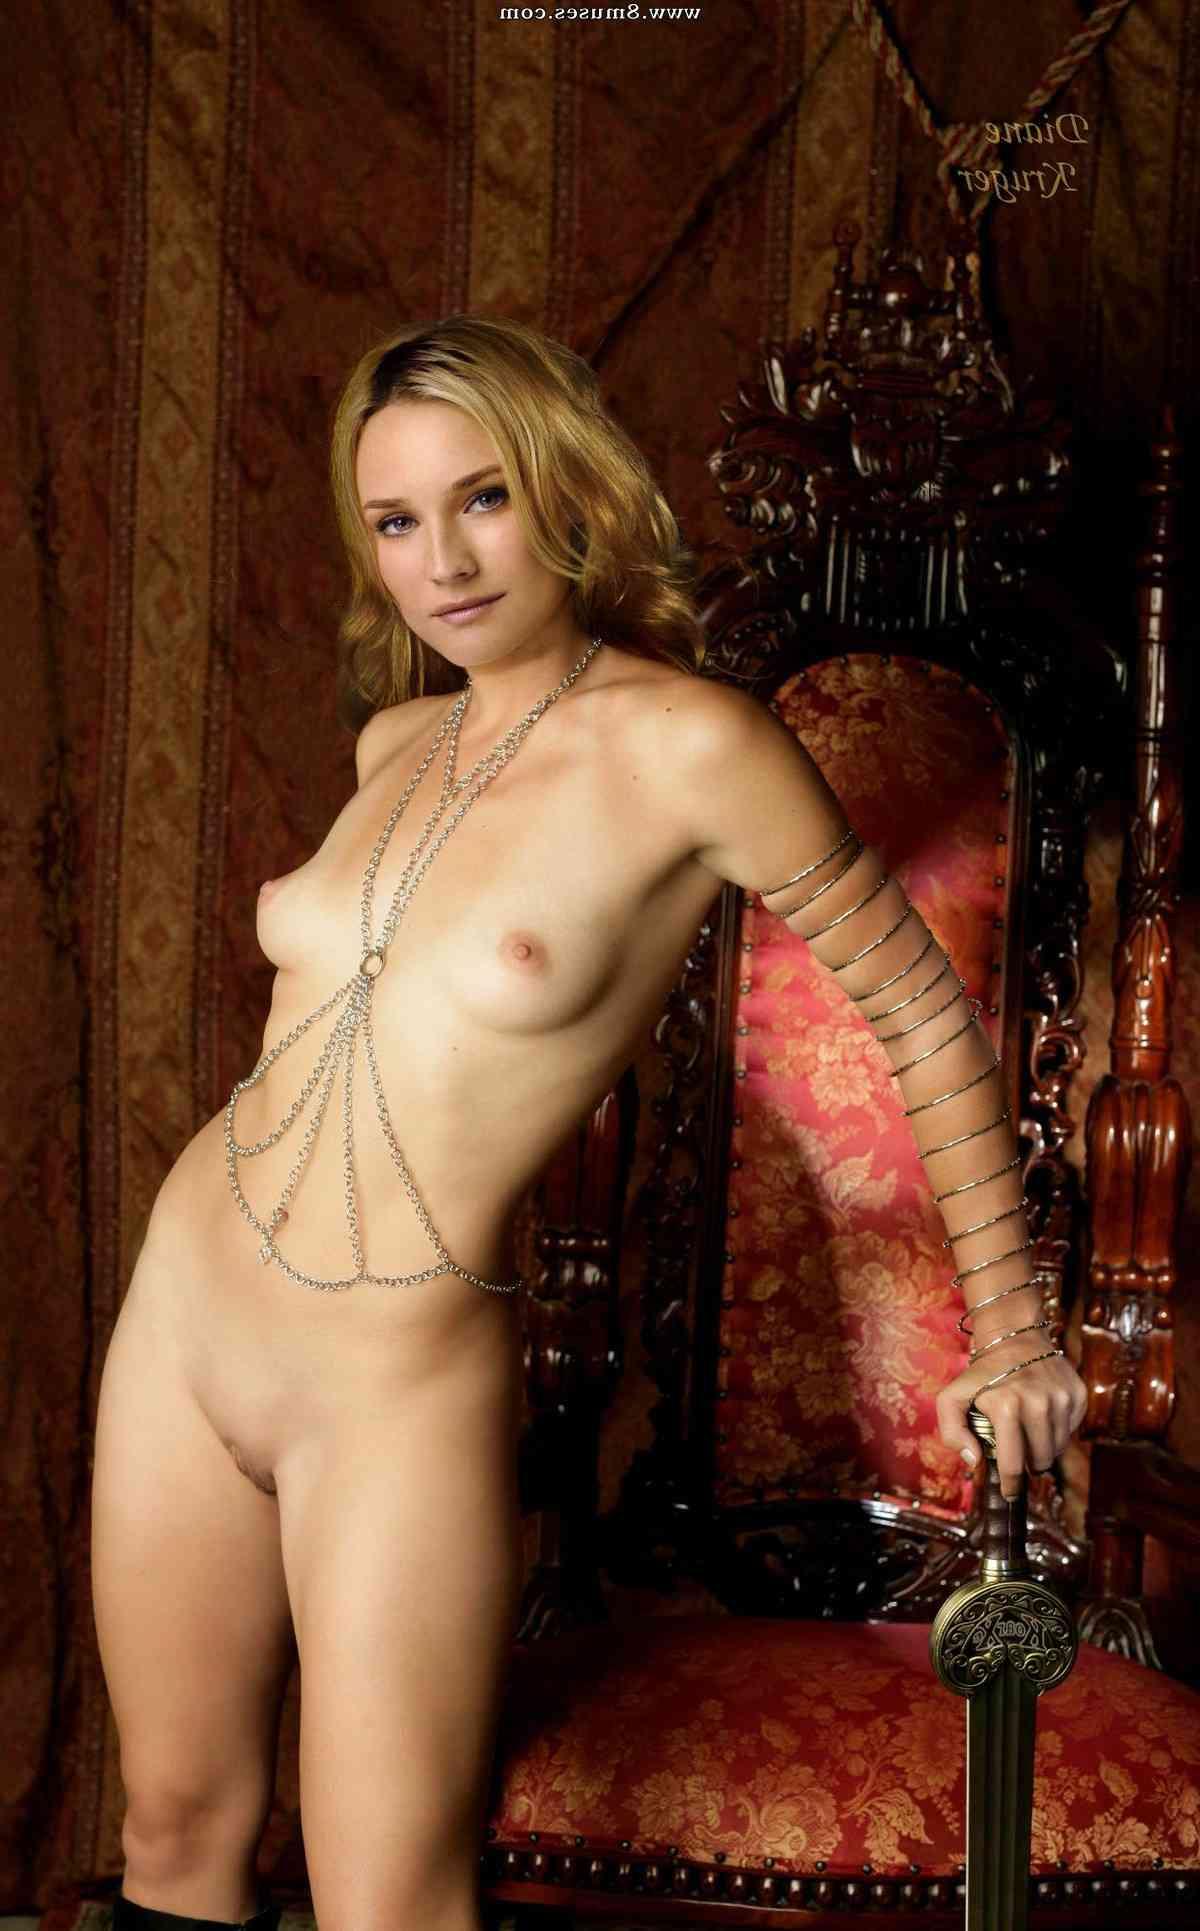 Fake-Celebrities-Sex-Pictures/Diane-Kruger Diane_Kruger__8muses_-_Sex_and_Porn_Comics_6.jpg